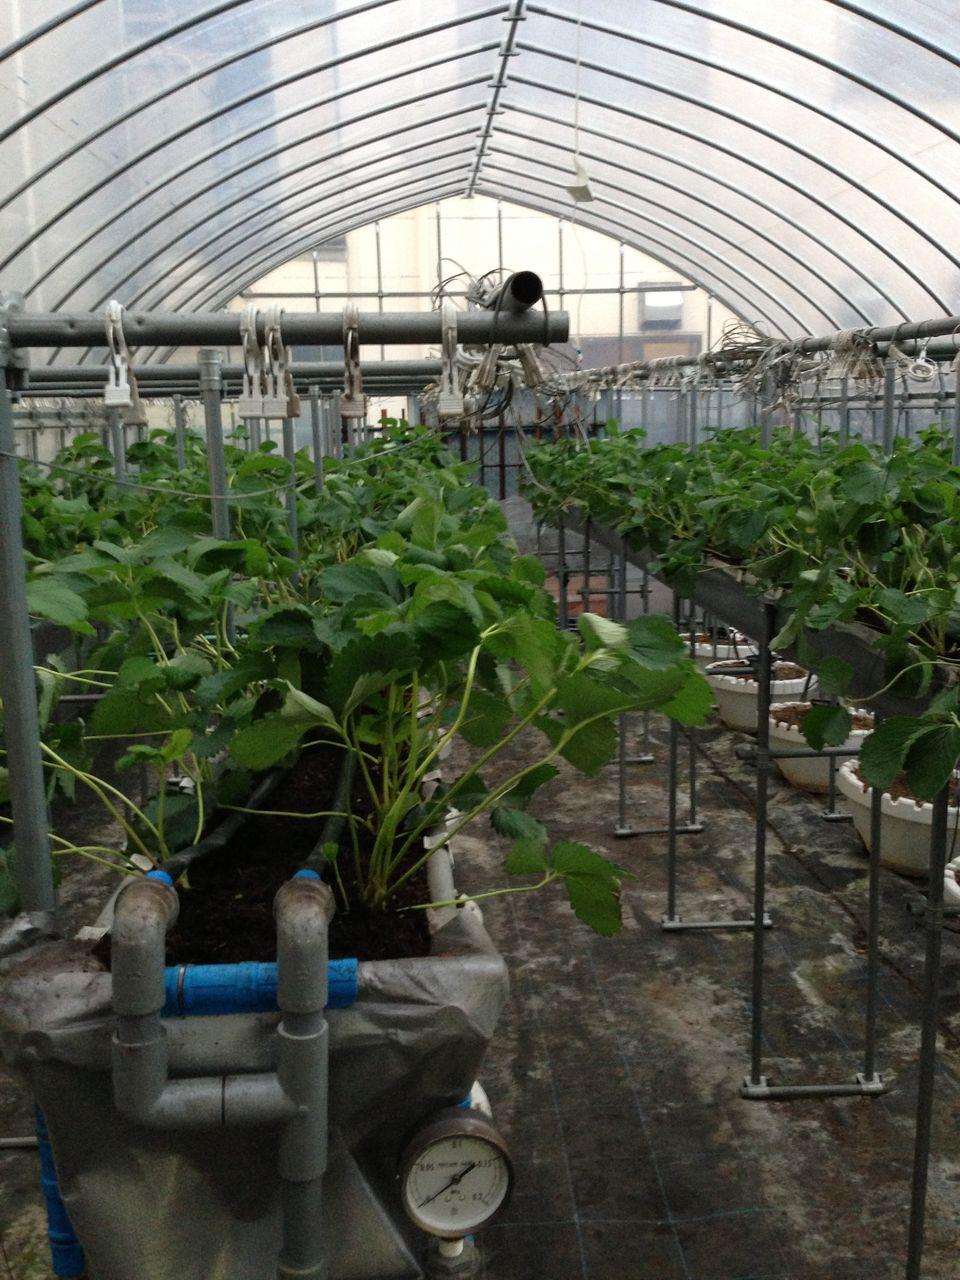 ホトトギス各種とイチゴの礫耕栽培 : t_kaichiroのblog